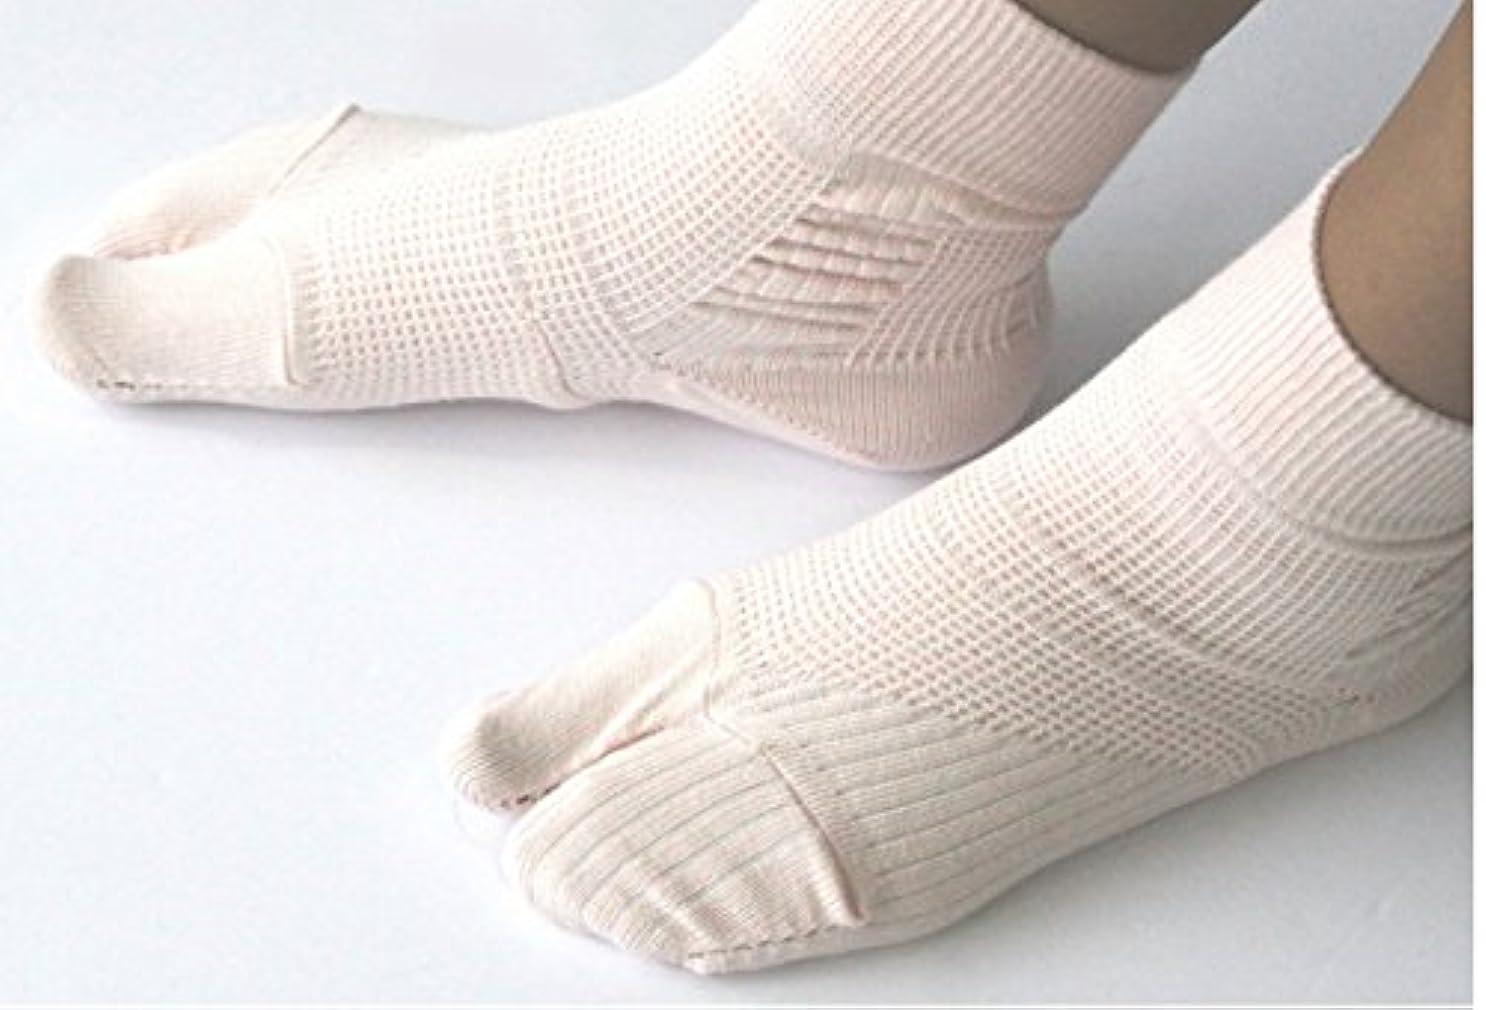 構成する僕の確認してください外反母趾対策靴下(通常タイプ) 着用後でもサイズ交換無料??着用後でも返品可